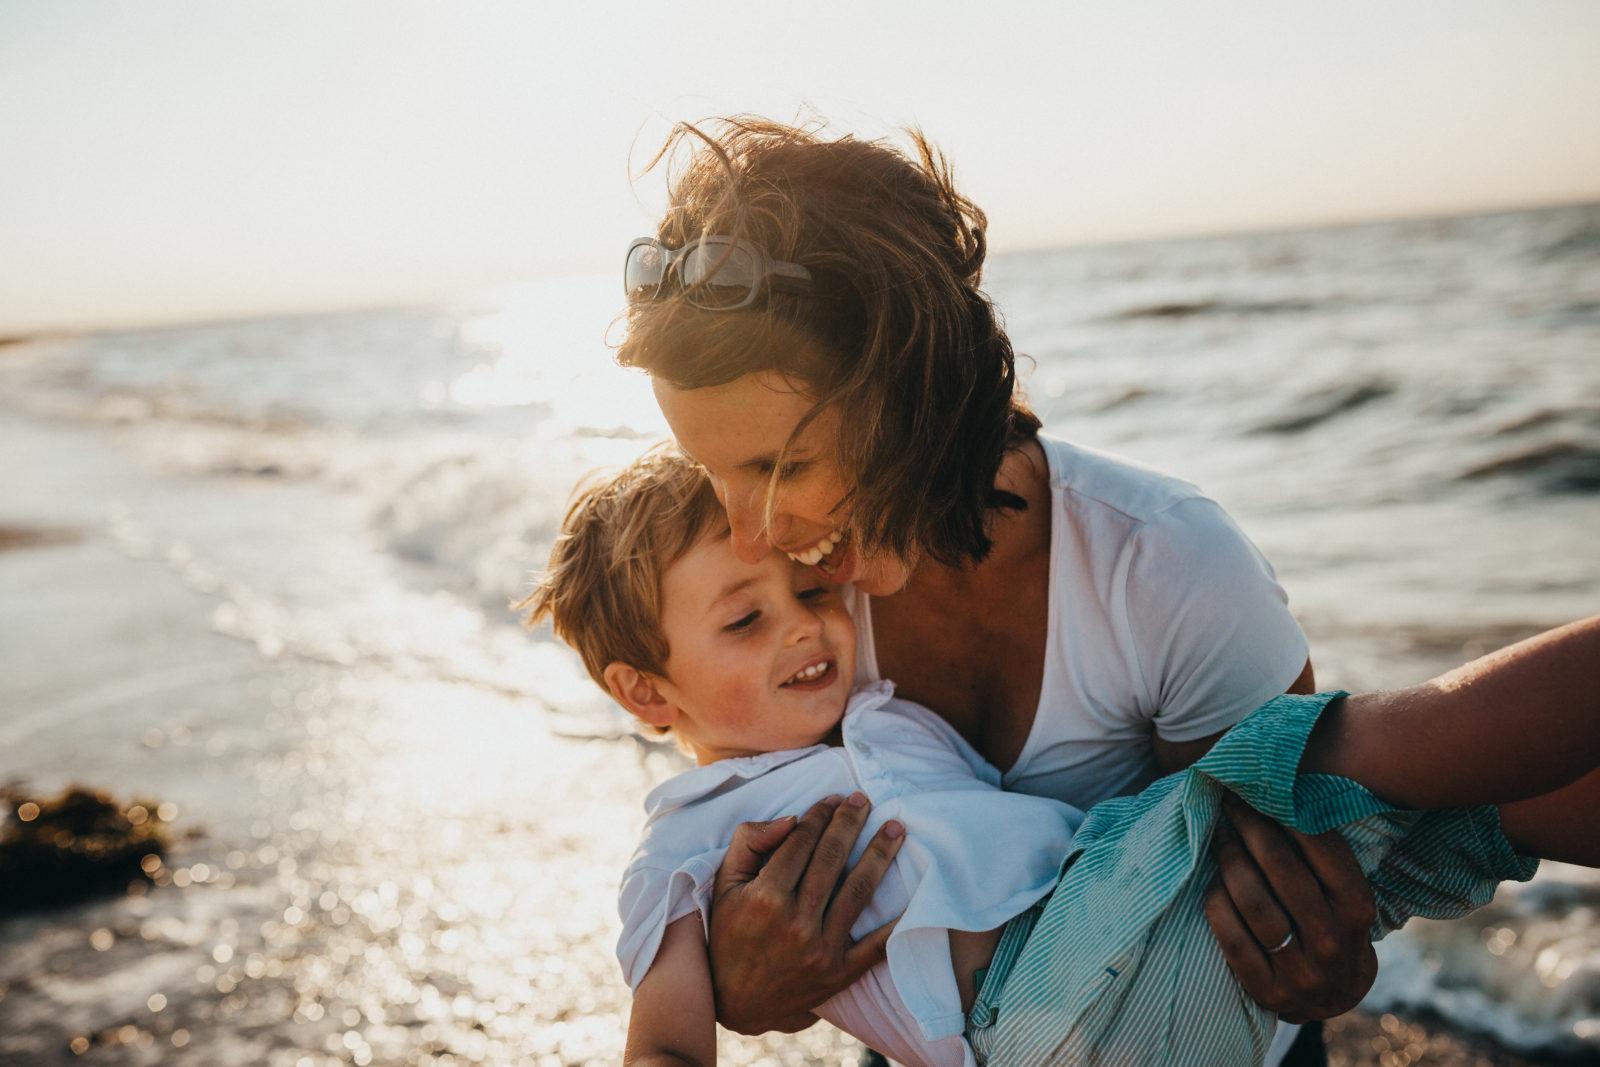 Escuela para Padres: ¿Cómo invertir en la comunicación traerá recompensas eternas?